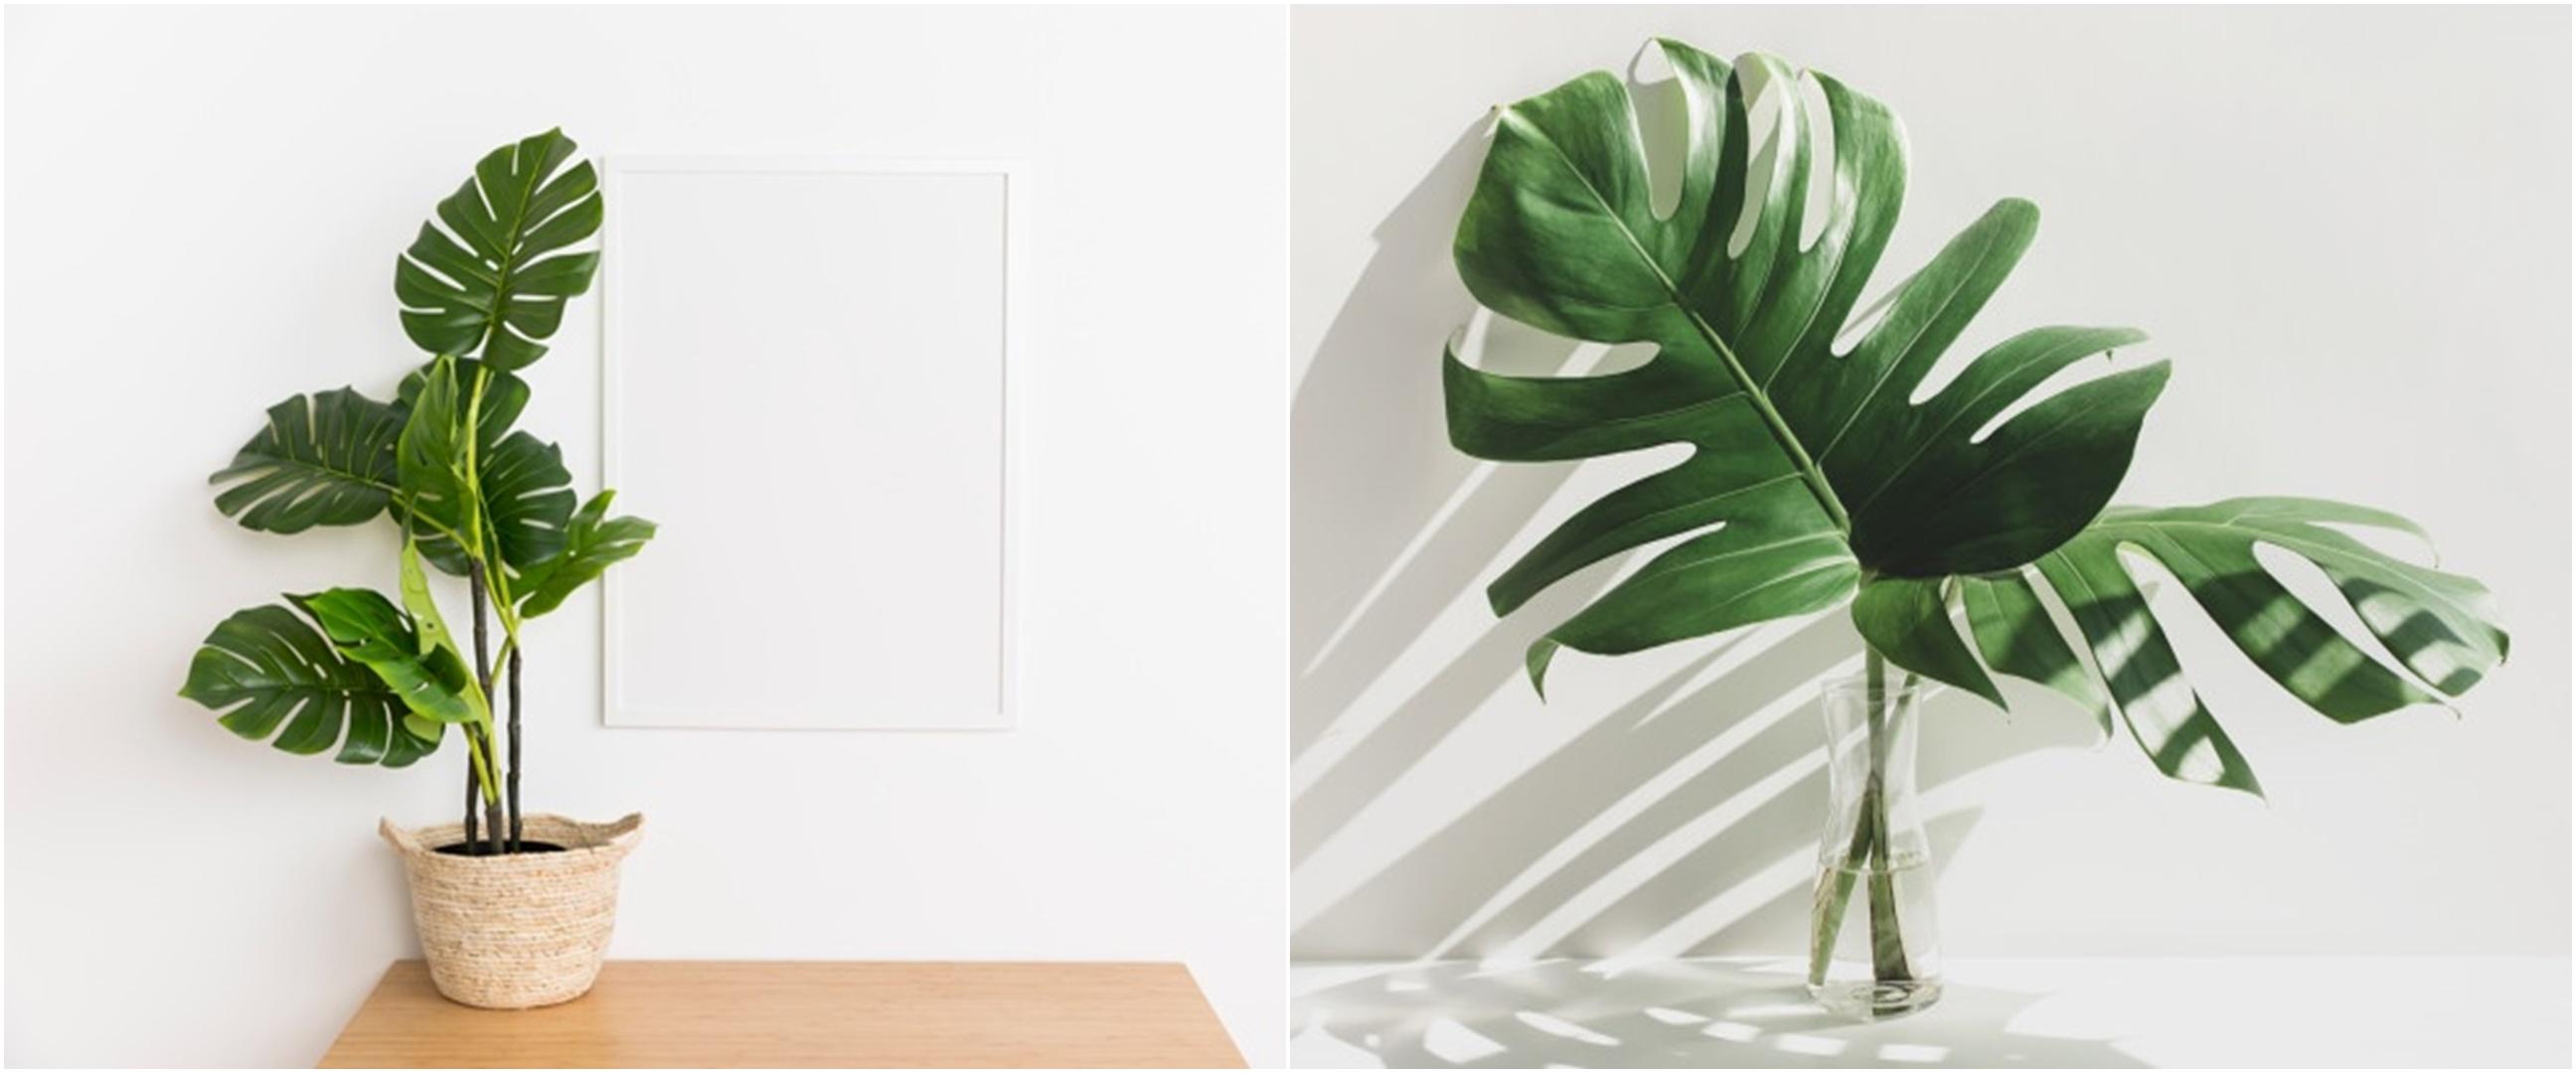 7 Cara merawat tanaman monstera agar subur dan tetap segar